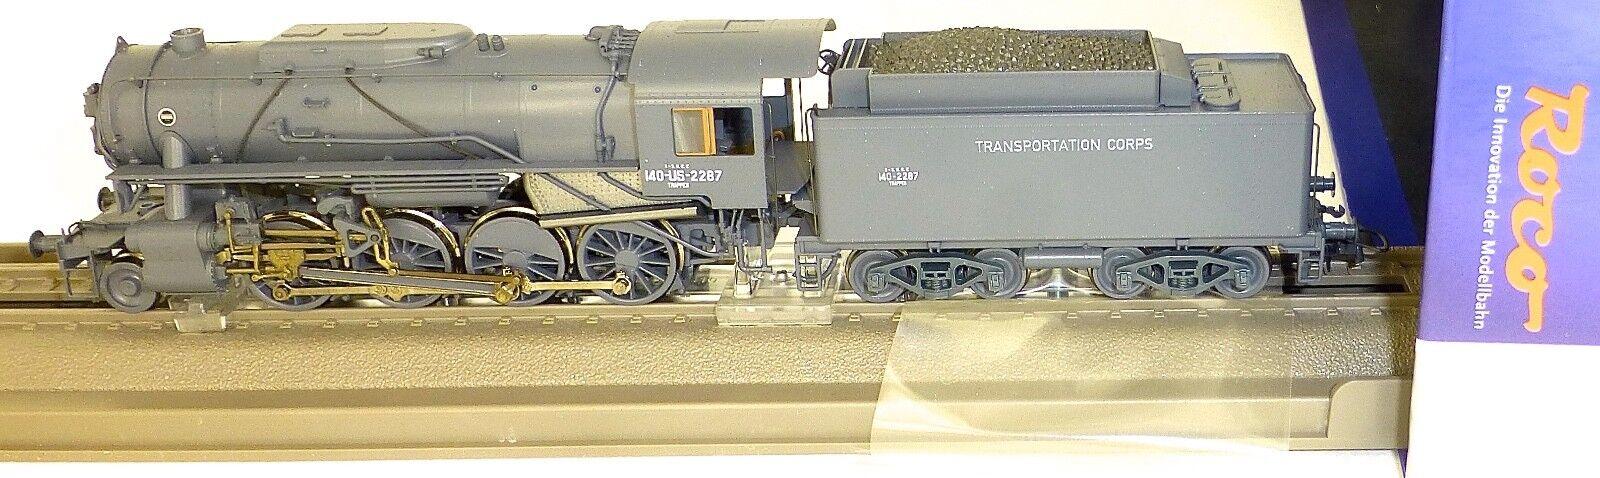 SNCF 140-V (S160U) Locomotora de Vapor Epiii Roco 72162 H0 1:87 Nuevo Emb. Orig.